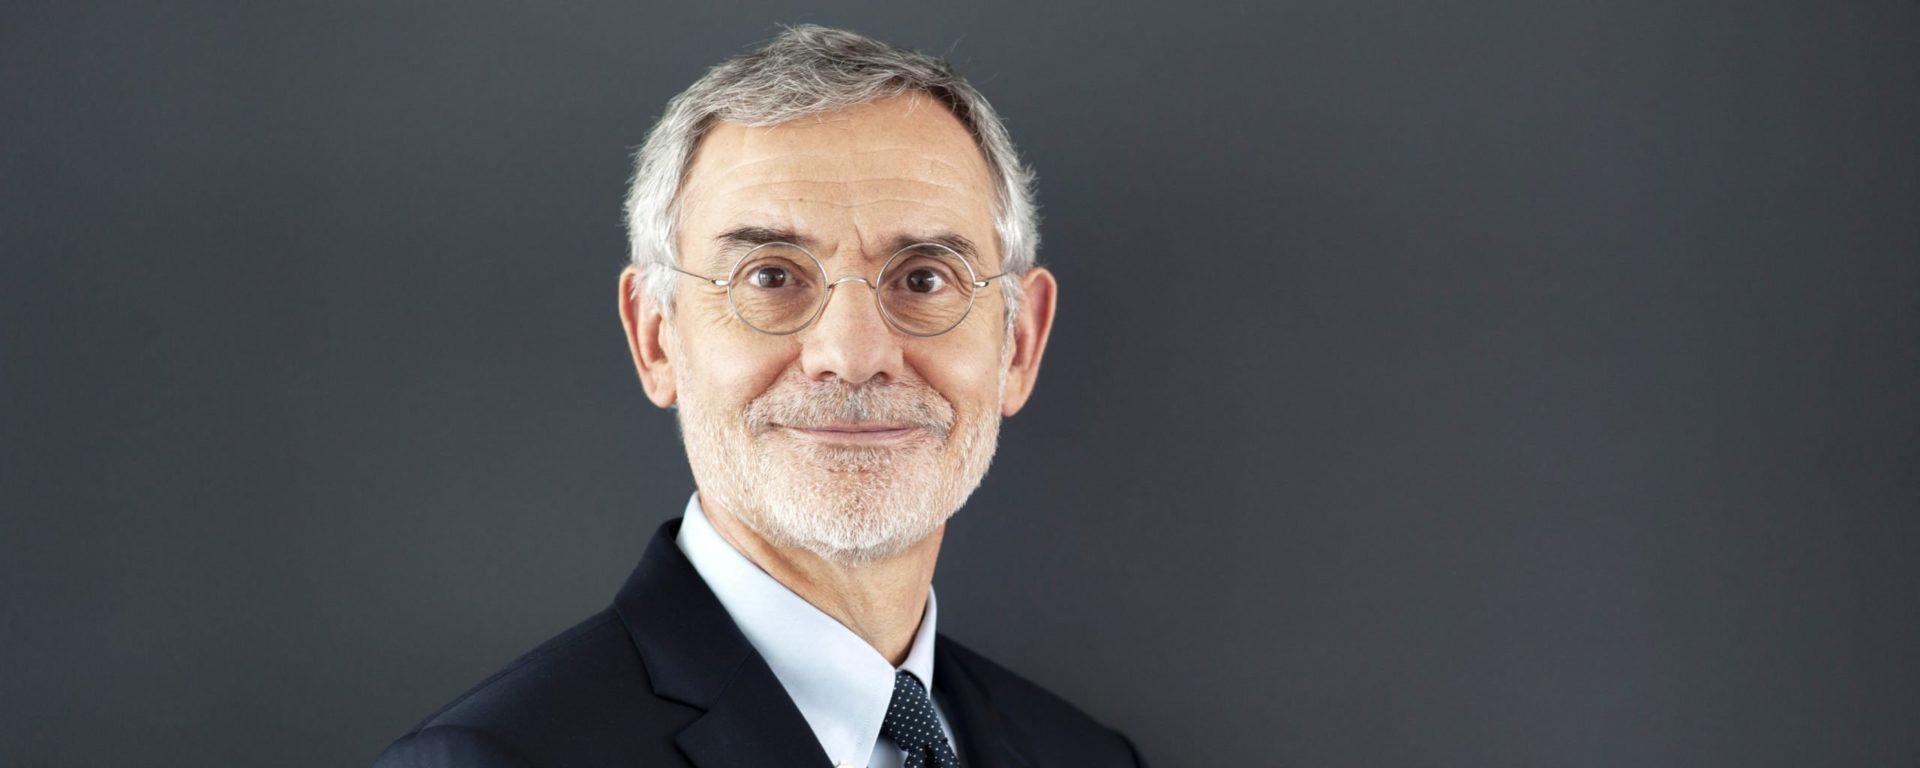 Thierry Mallet, président de Transdev Group - Issy-Les-Moulineaux - 3/3/2021